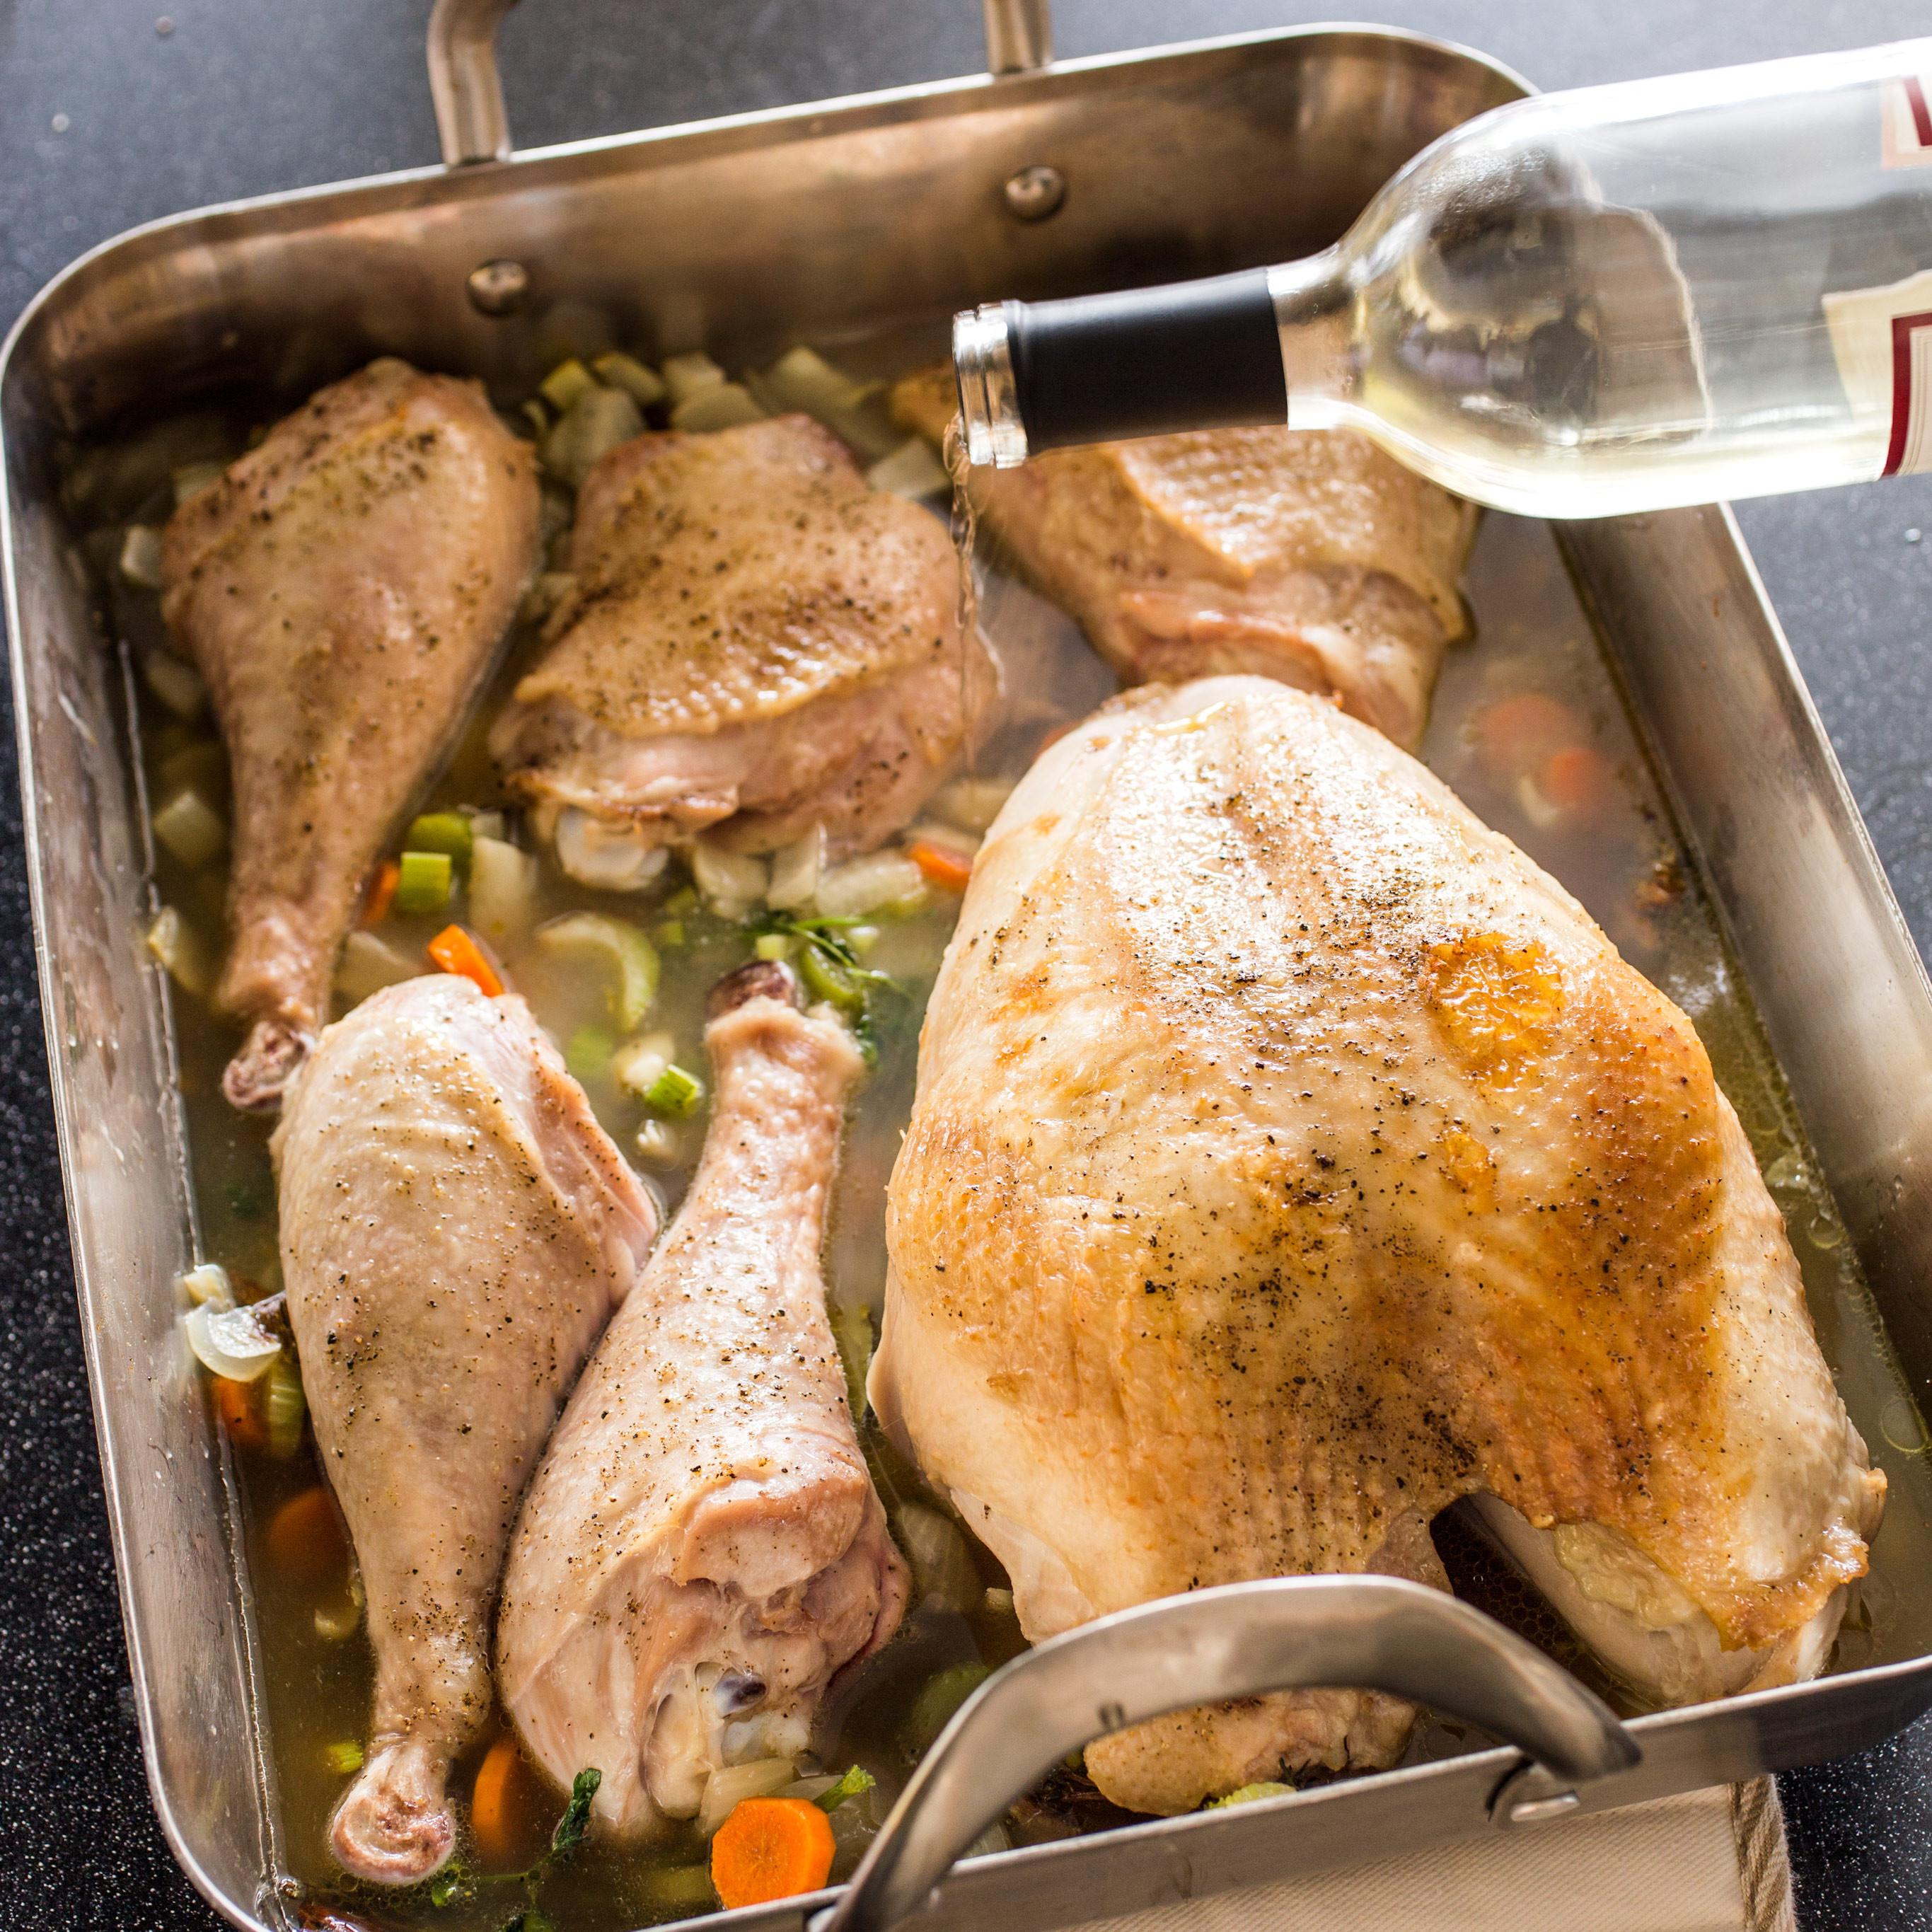 American Test Kitchen Thanksgiving Turkey  Braised Turkey with Gravy